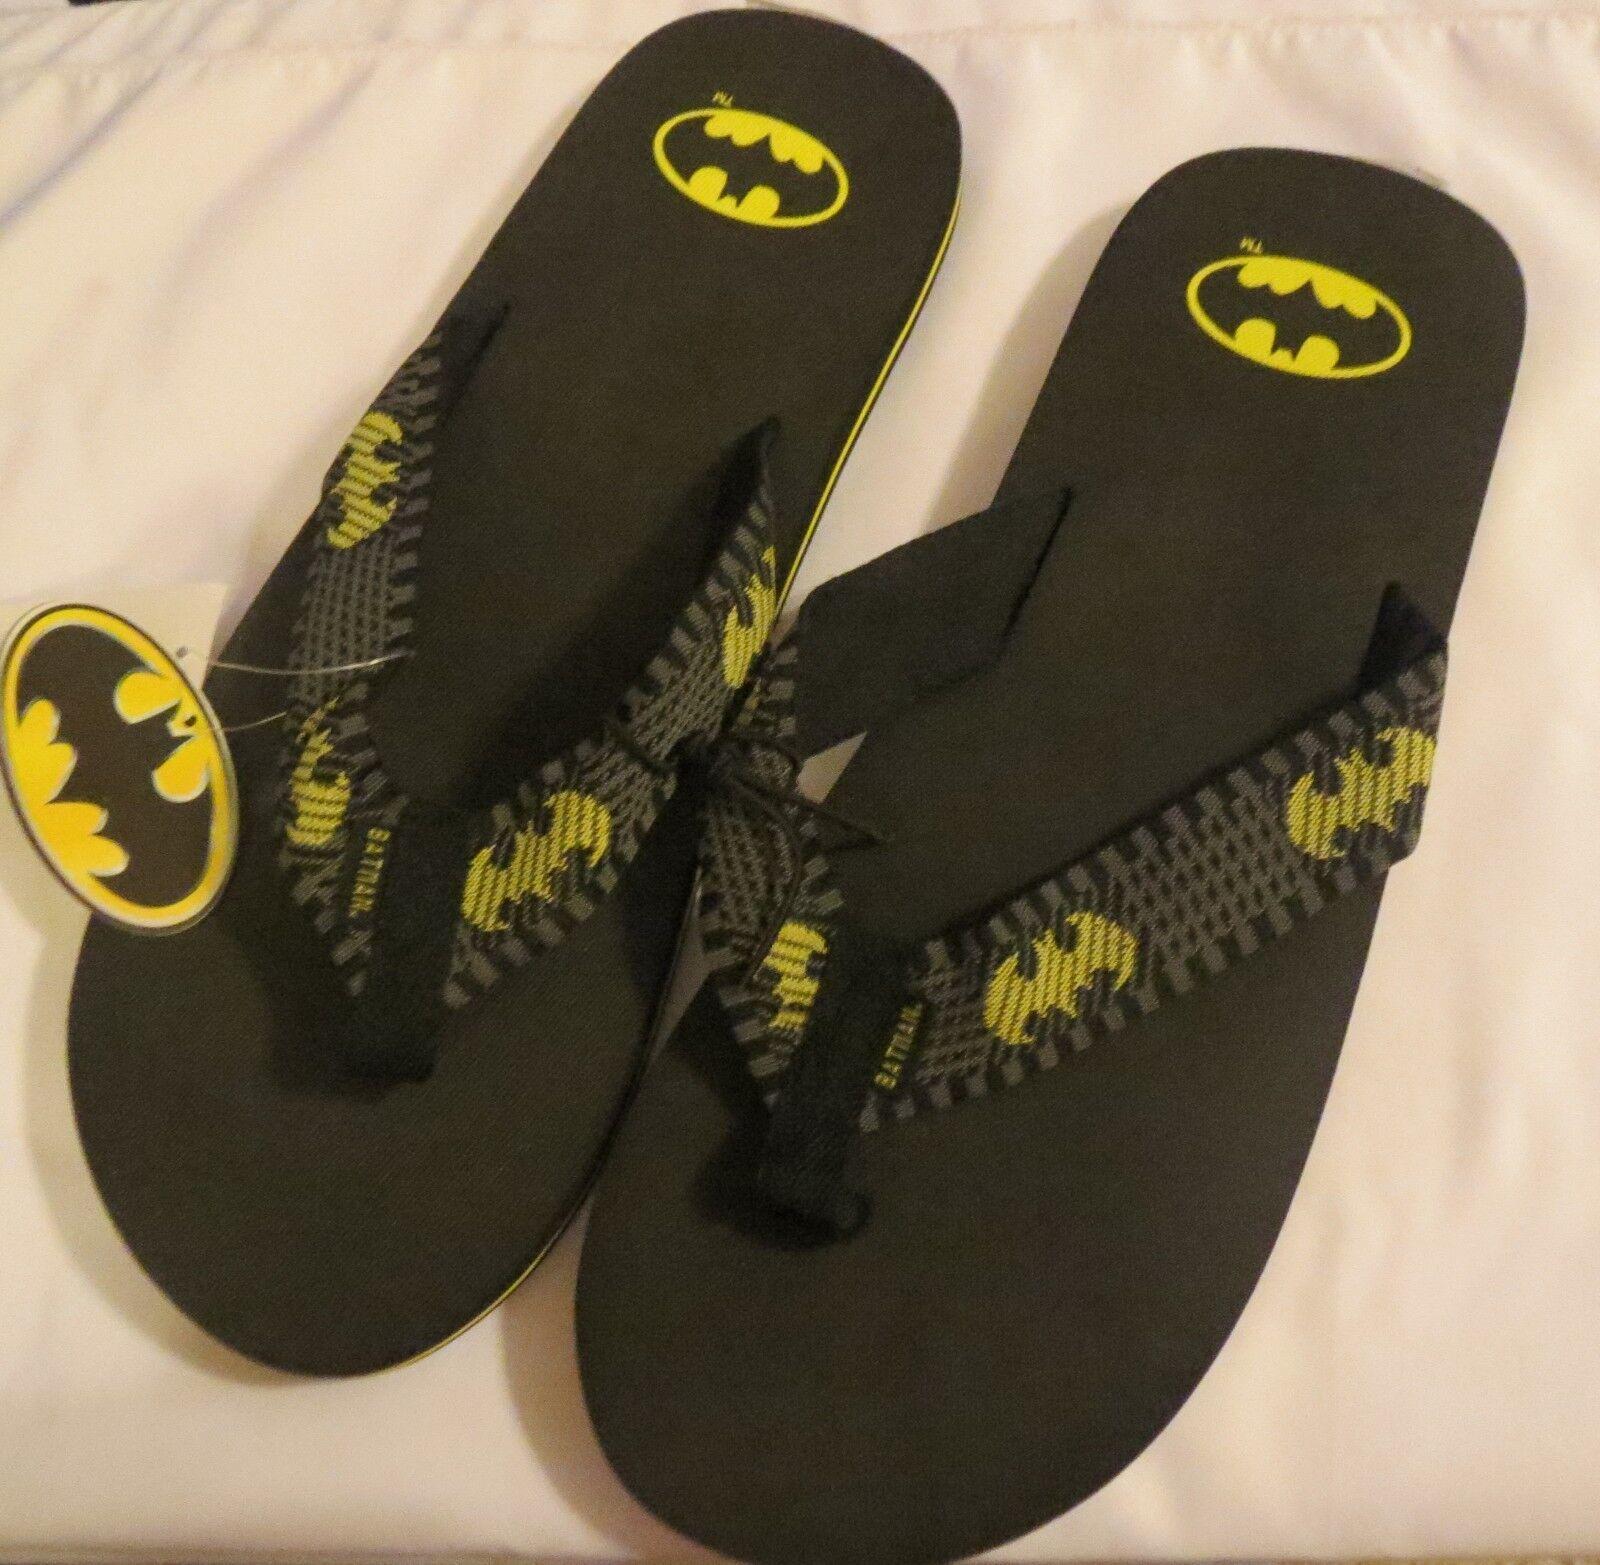 Men's XL BATMAN Black Flip Flops TM & DC Comics